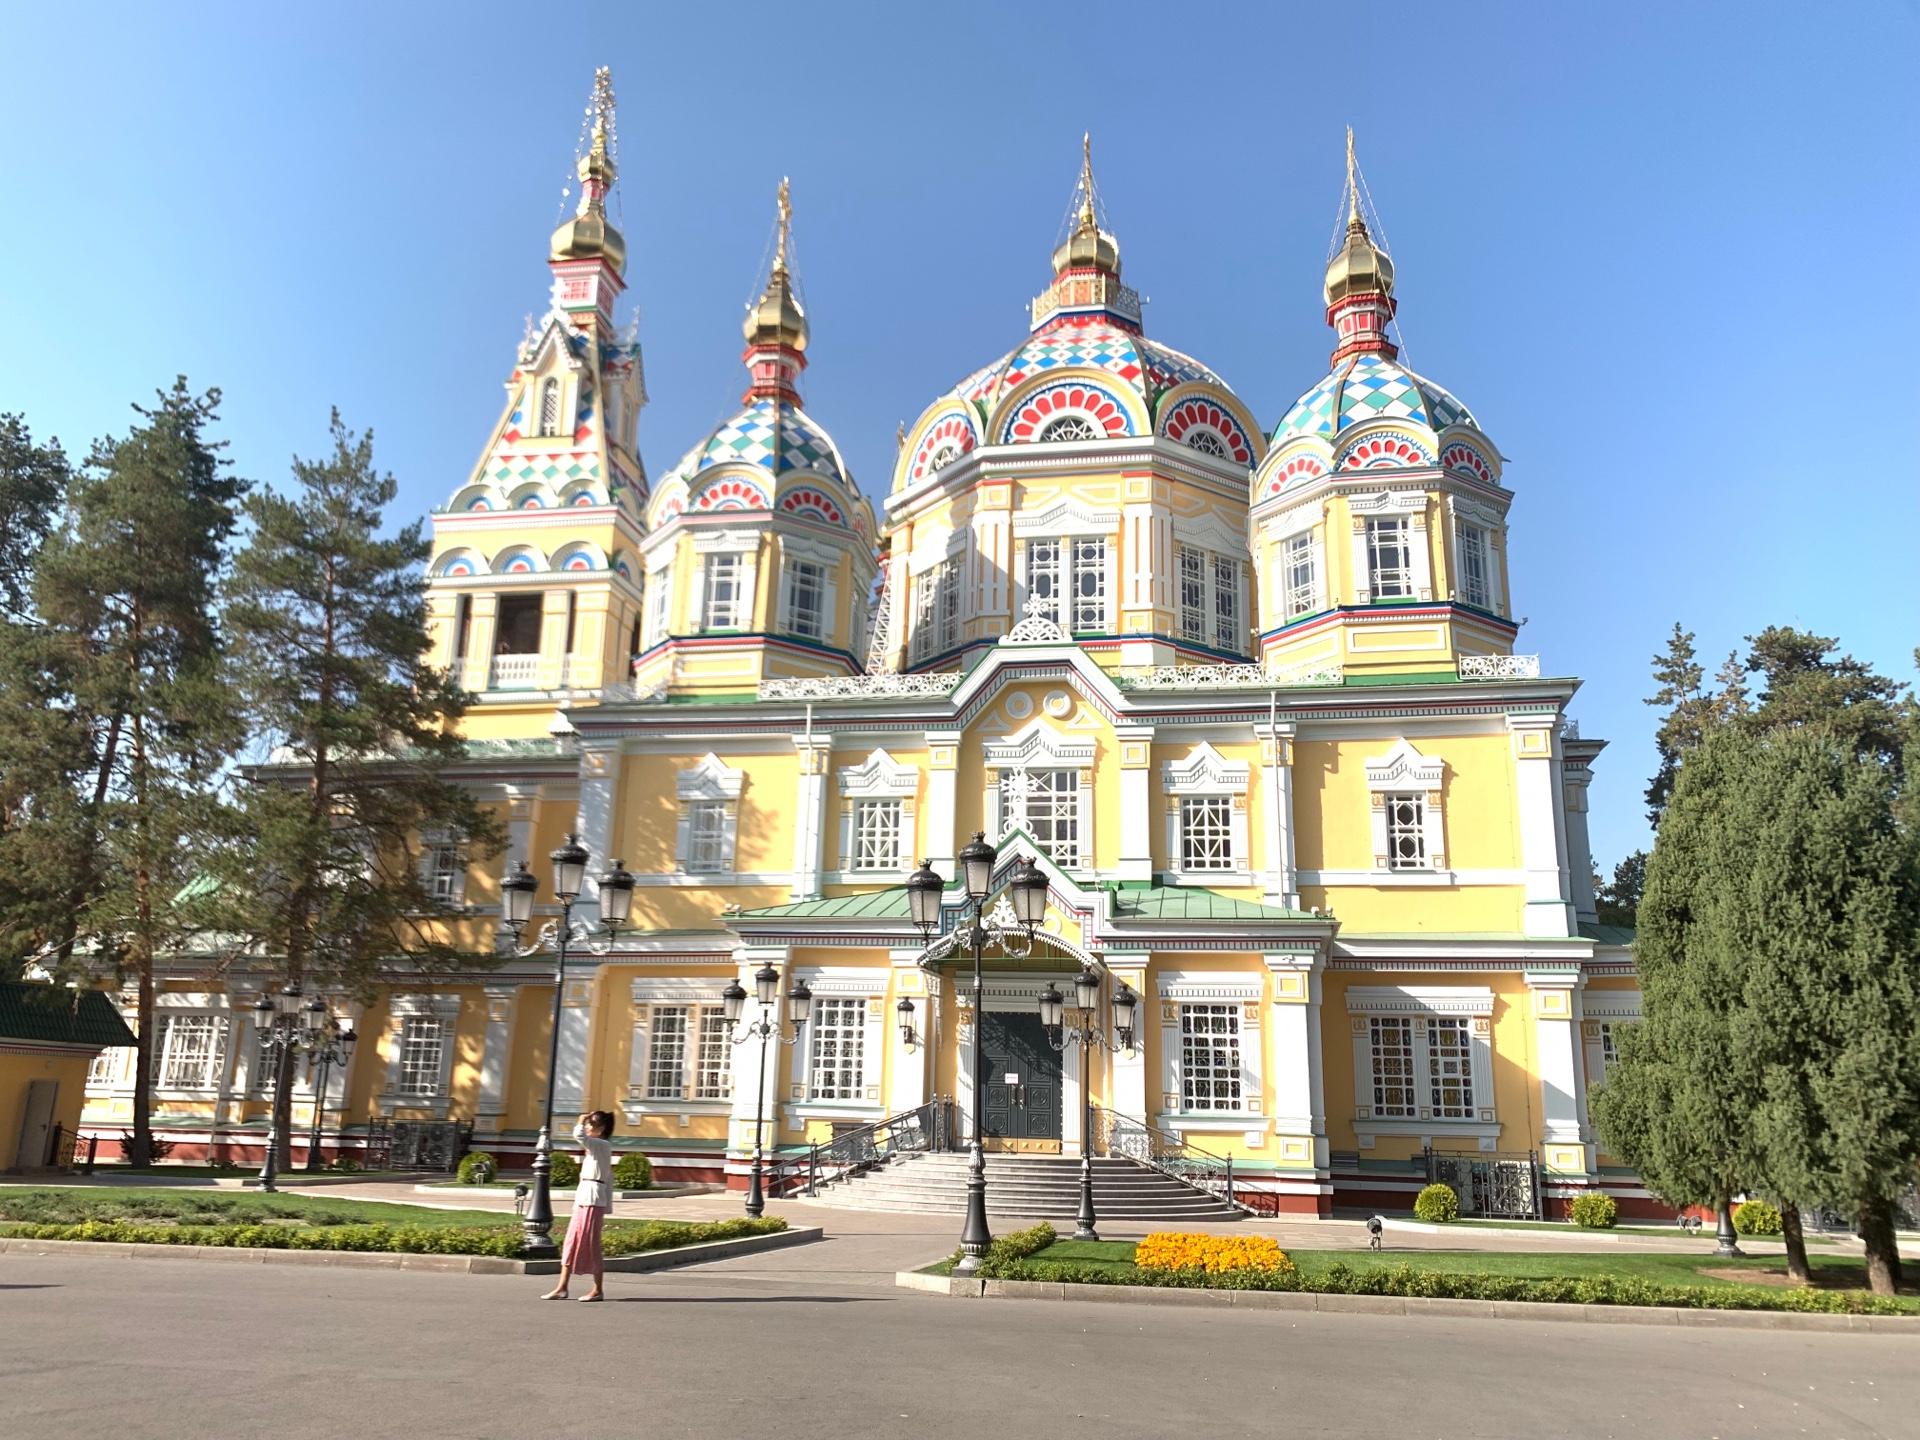 アルマトイ街ブラ!動物園、グリーンバザール、ゼンコフ教会まで盛り沢山!